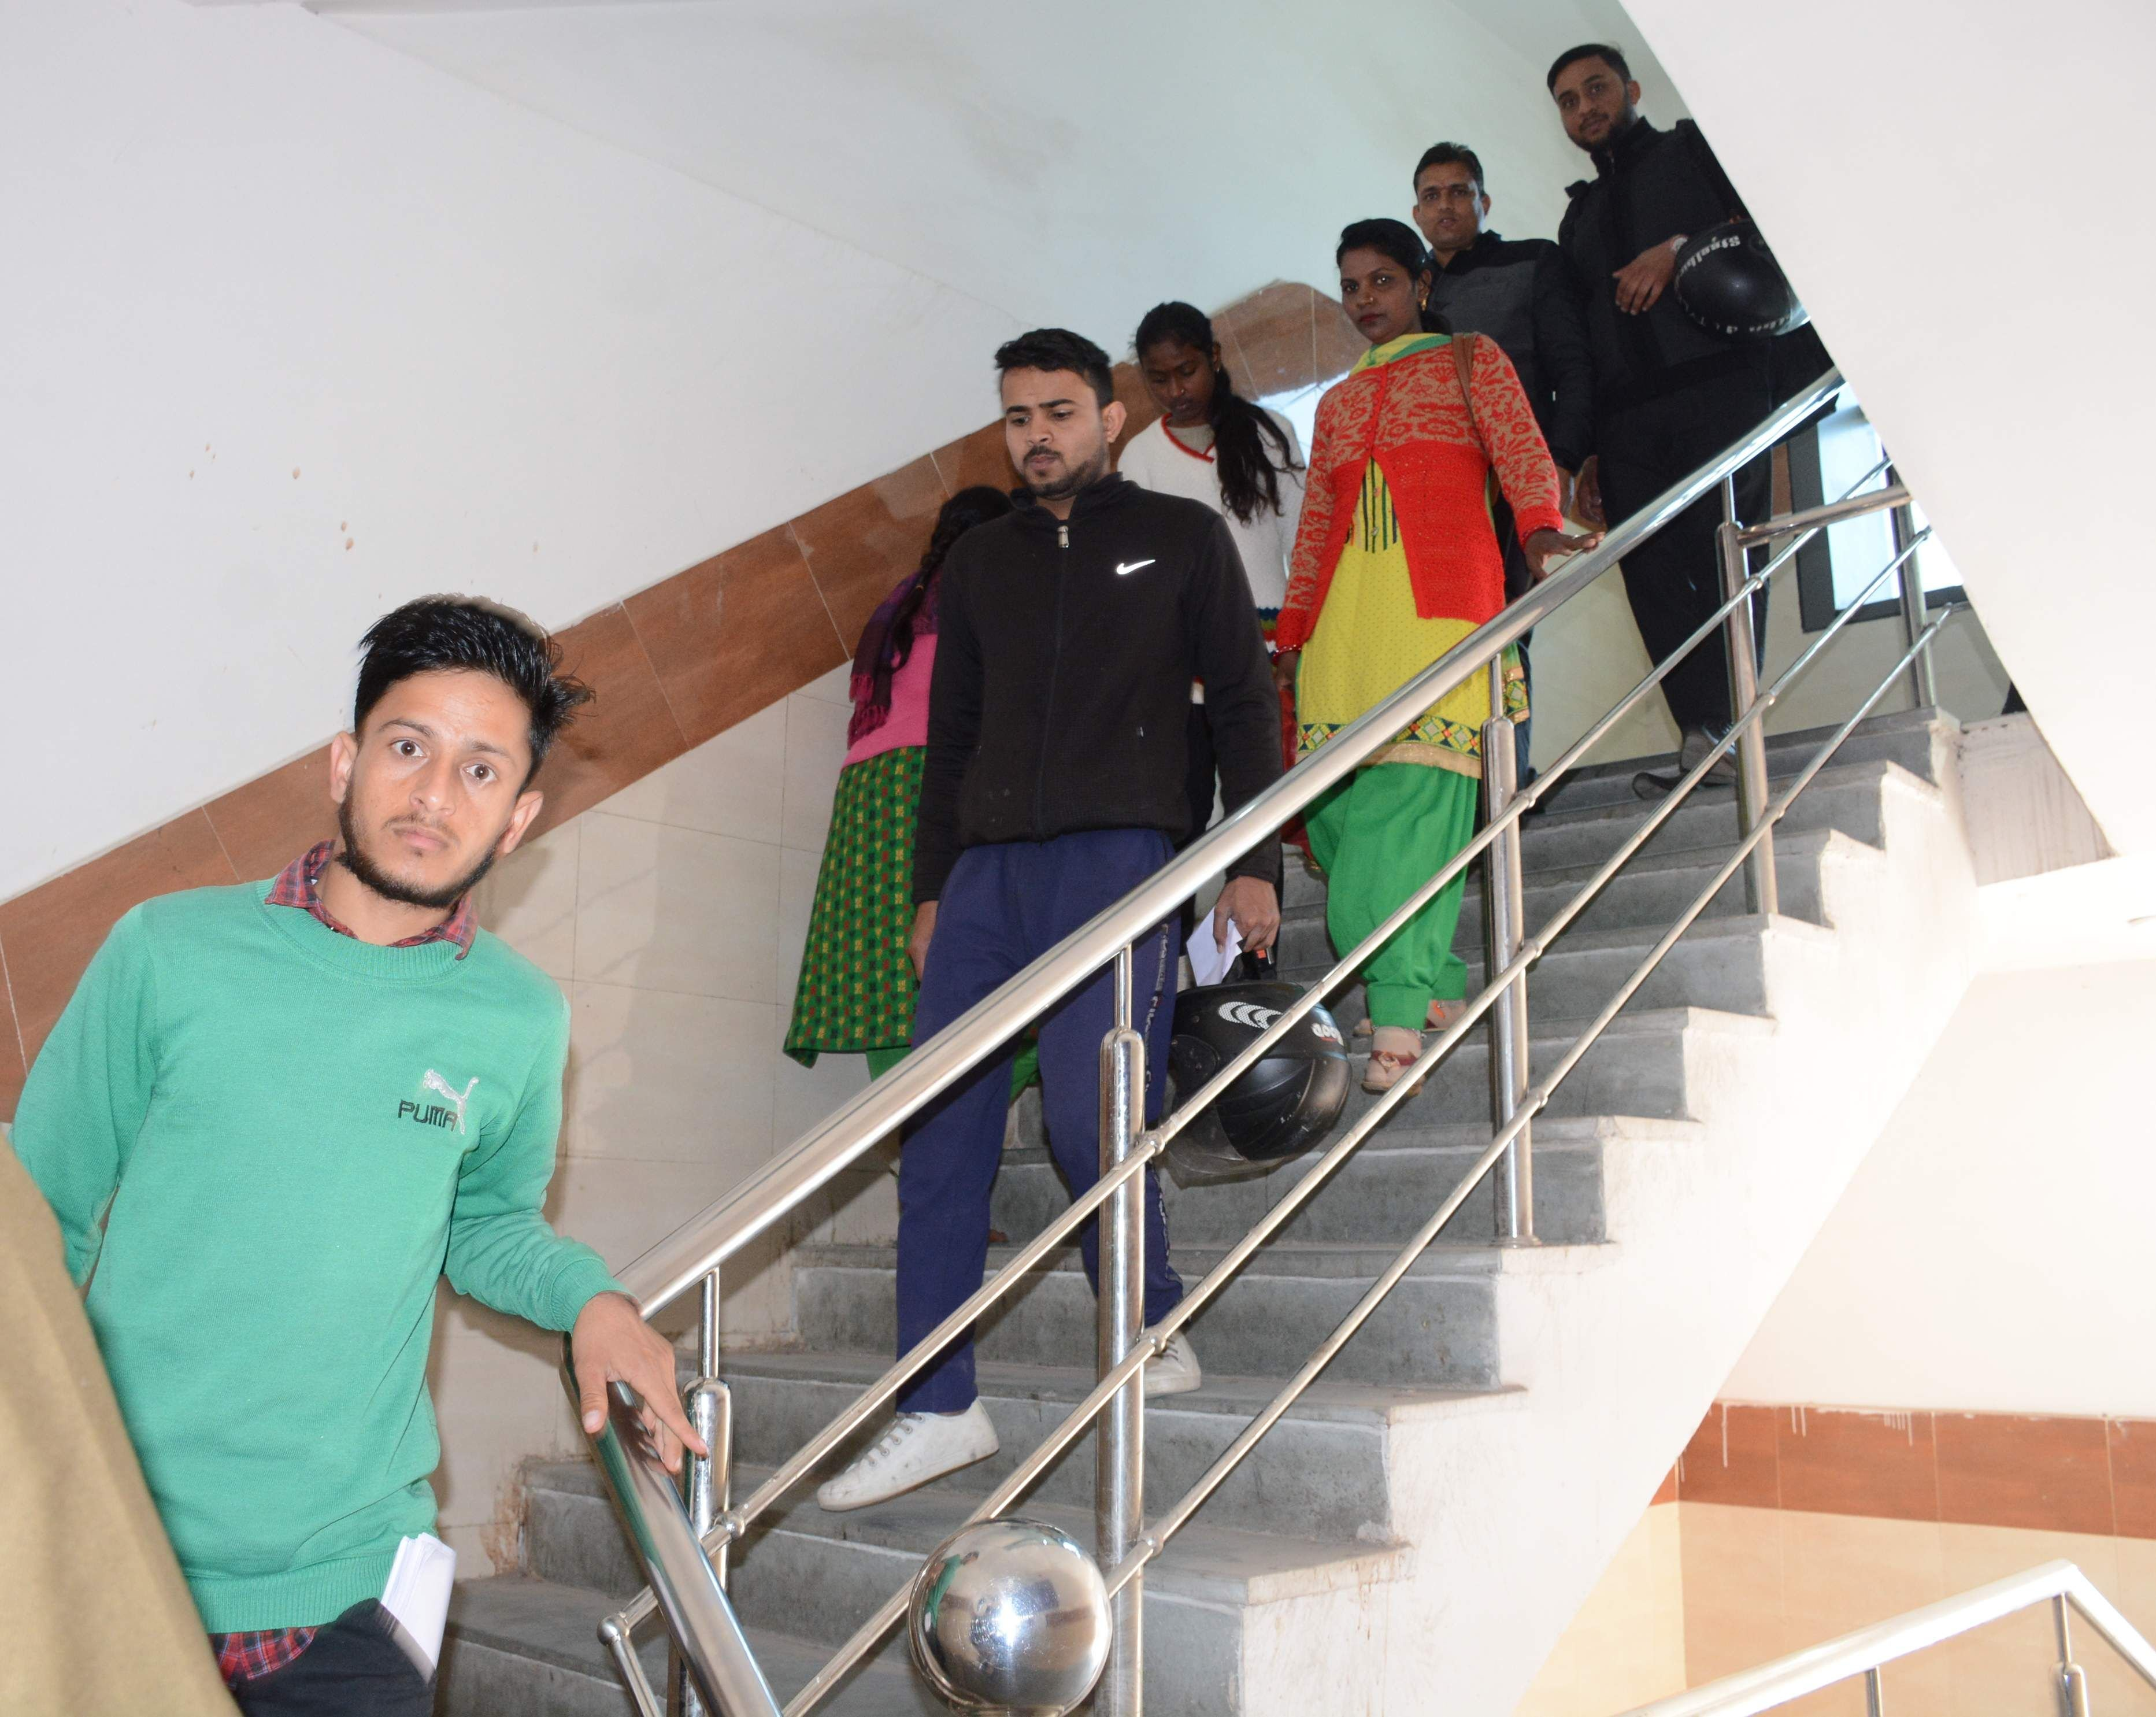 राजकीय दून मेडिकल चिकित्सालय में सीढ़ियों से उतरते मरीज और उनके परिजन ।